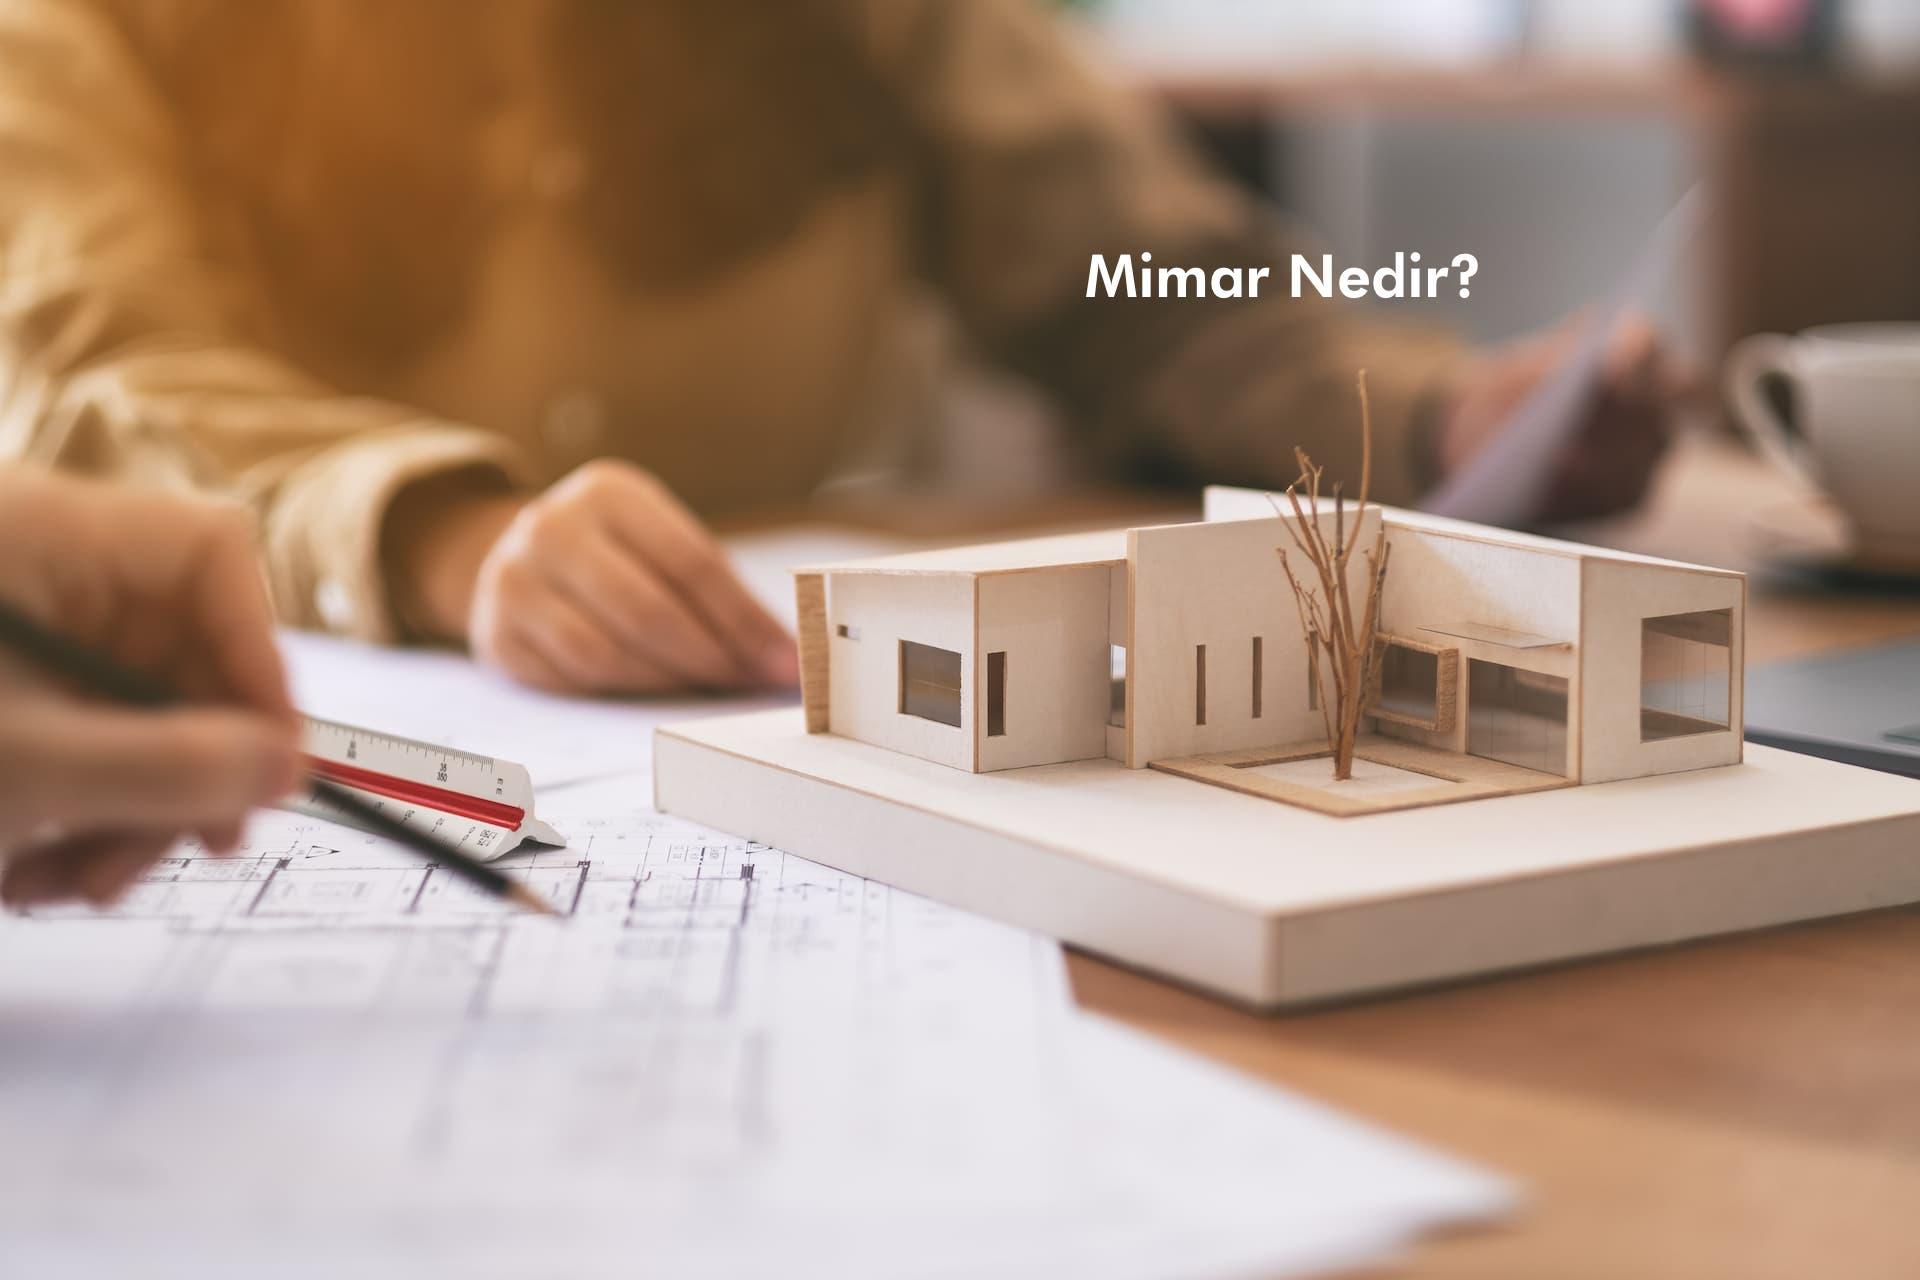 Mimar Nedir? (Mimarların Ne Yaptığını Öğrenin)